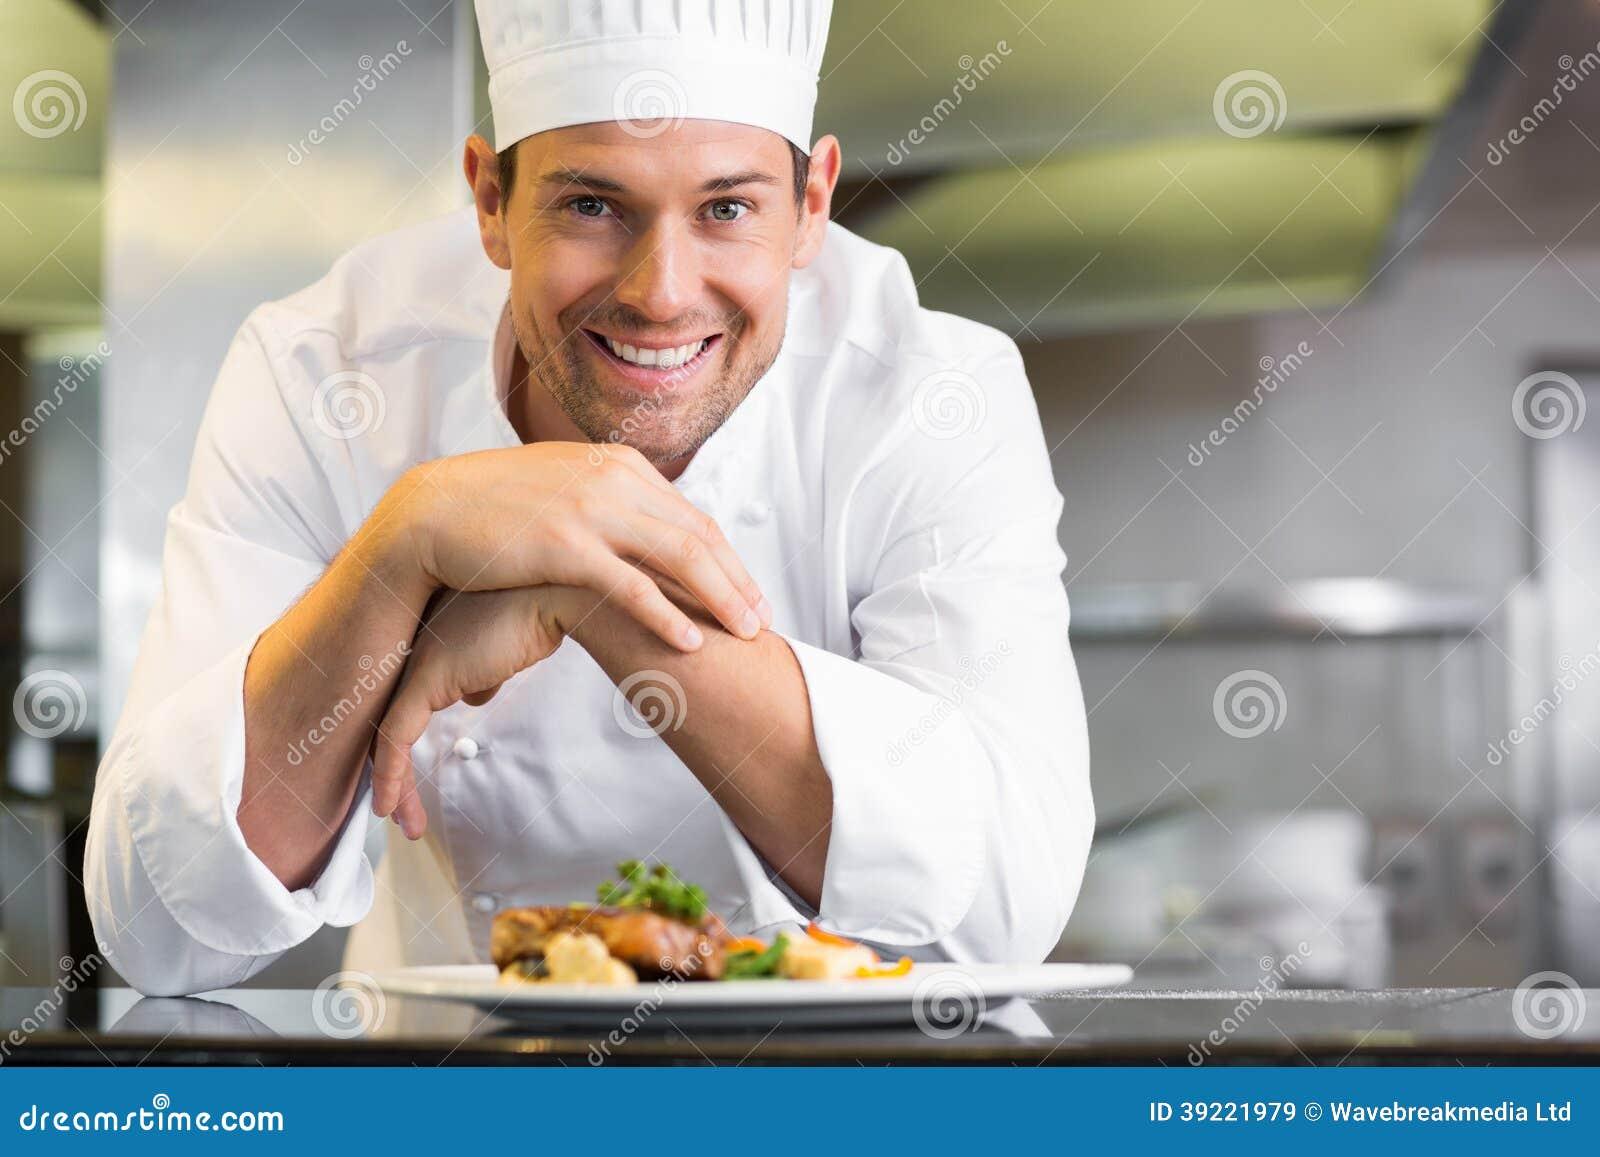 Cocinero de sexo masculino sonriente con alimento cocido en cocina